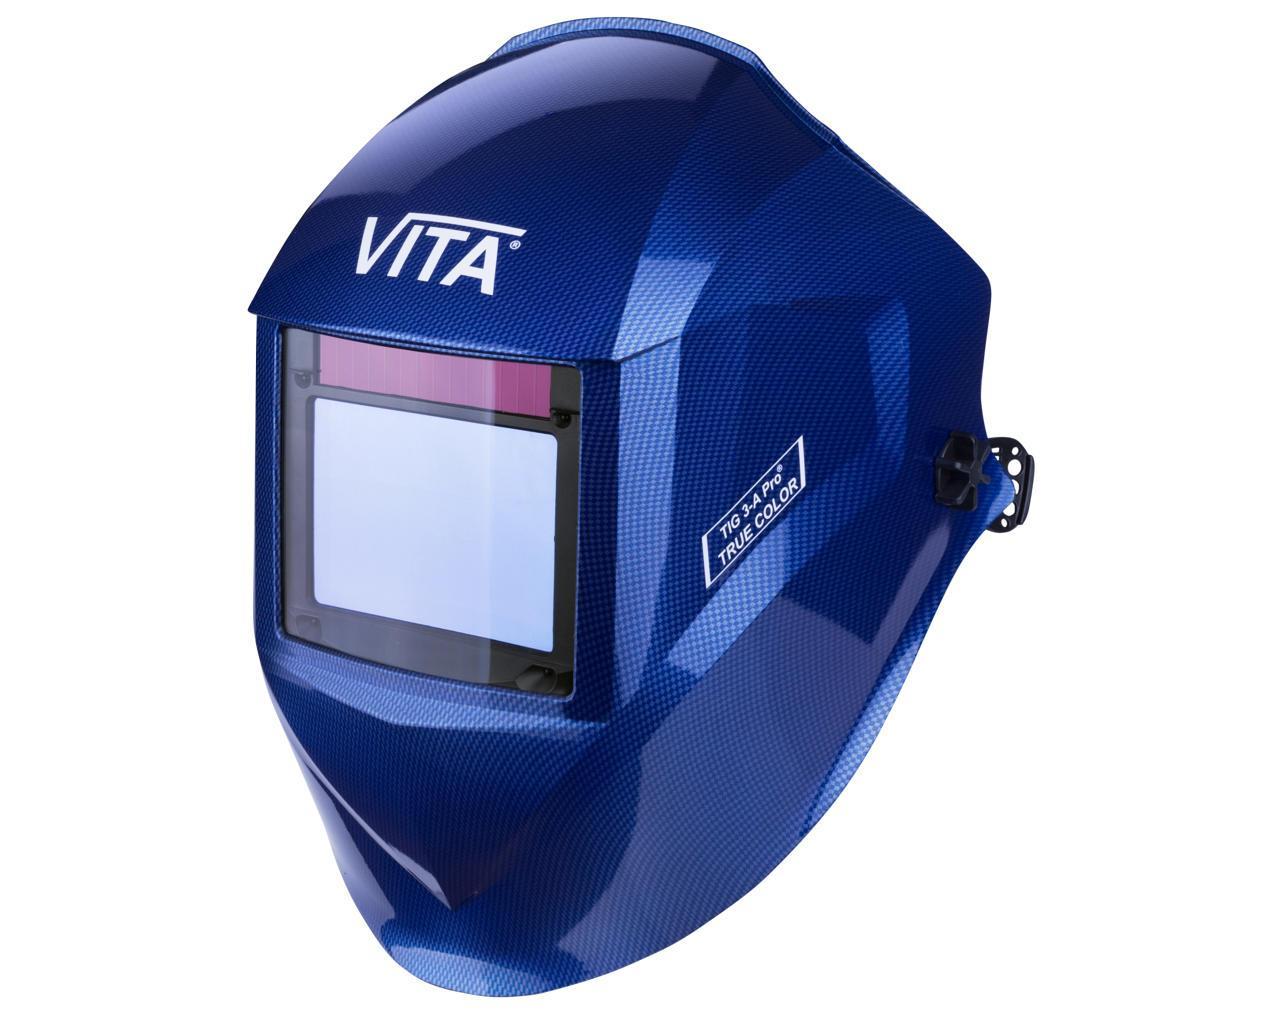 Сварочная маска хамелеон 3-A Pro TrueColor (цвет металлические соты синие)